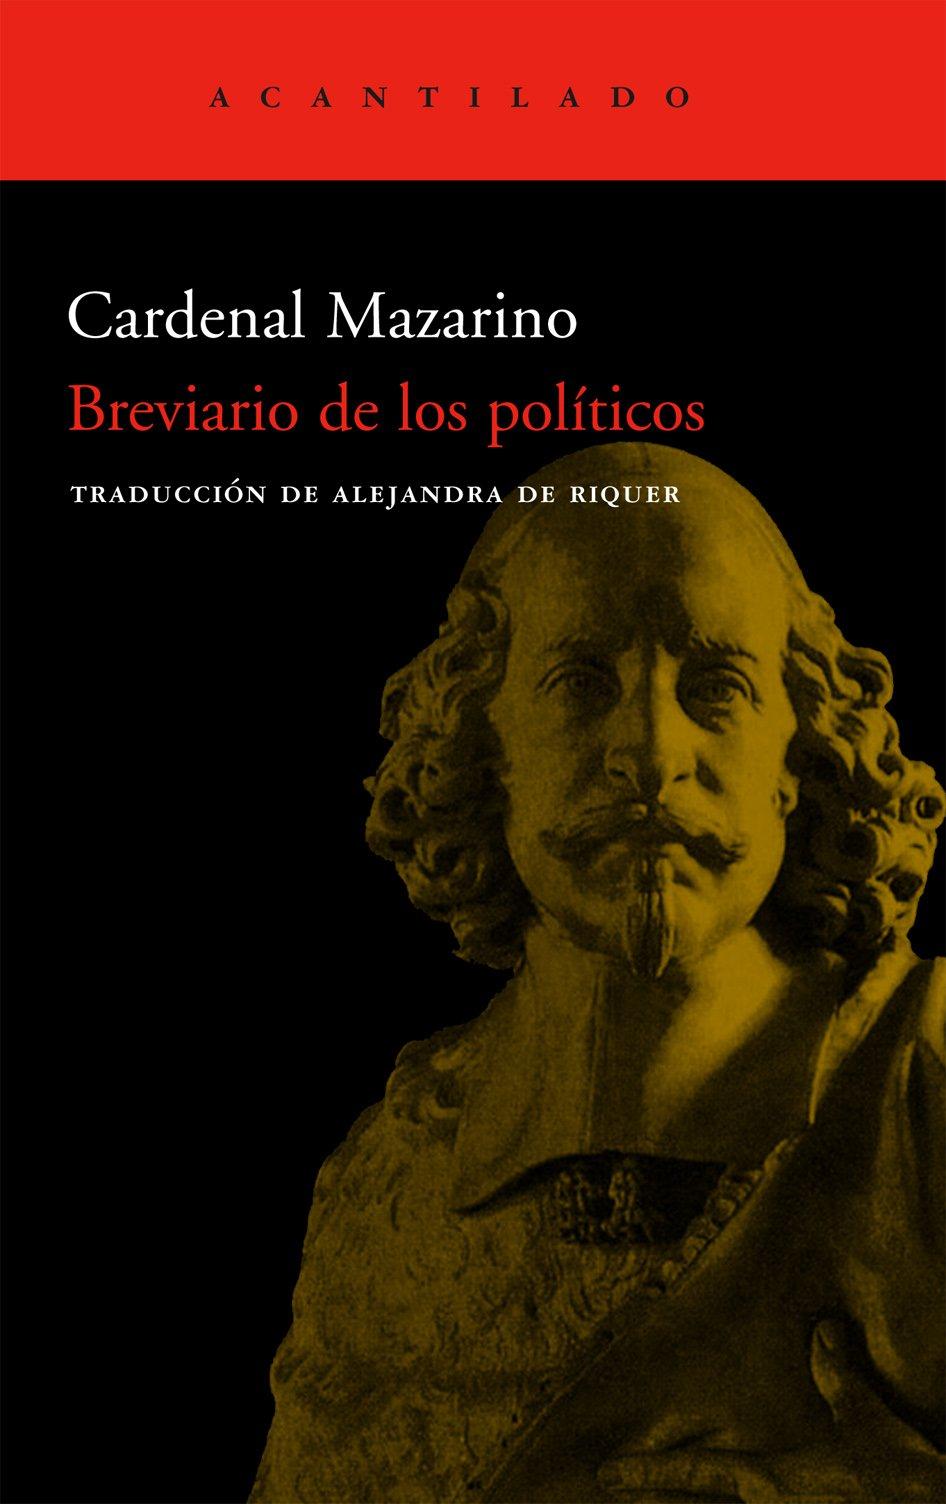 Breviario de los políticos (Cuadernos del Acantilado): Amazon.es: Cardenal Mazarino, de Riquer Permanyer, Alejandra: Libros